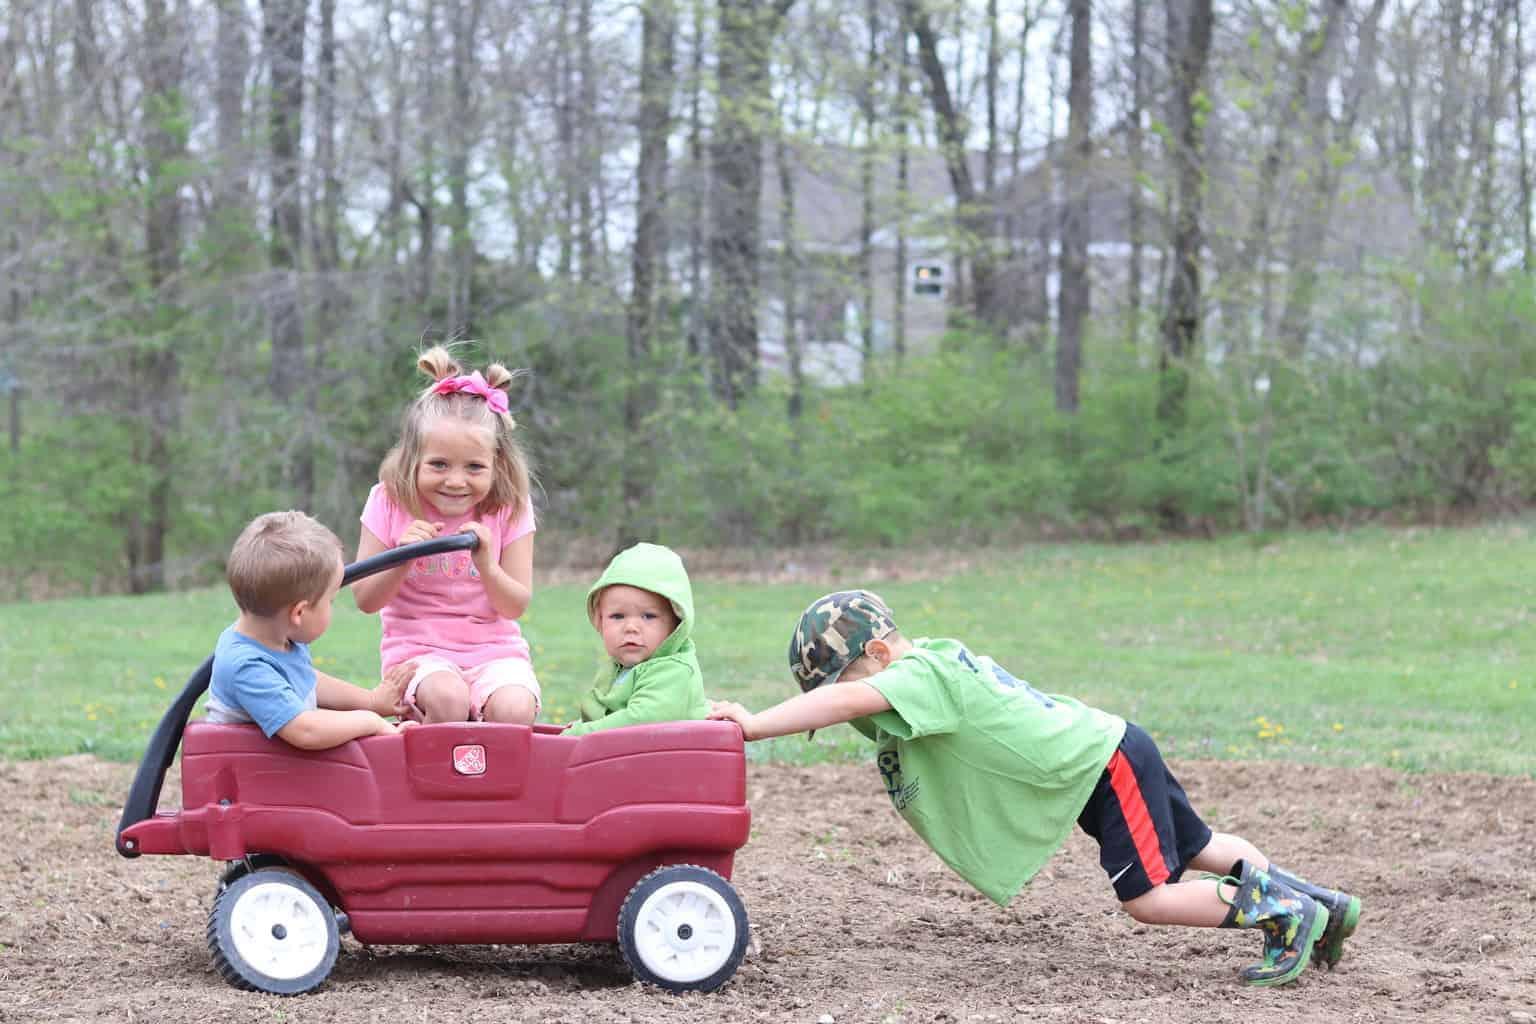 Little boy pushing kids in a wagon.